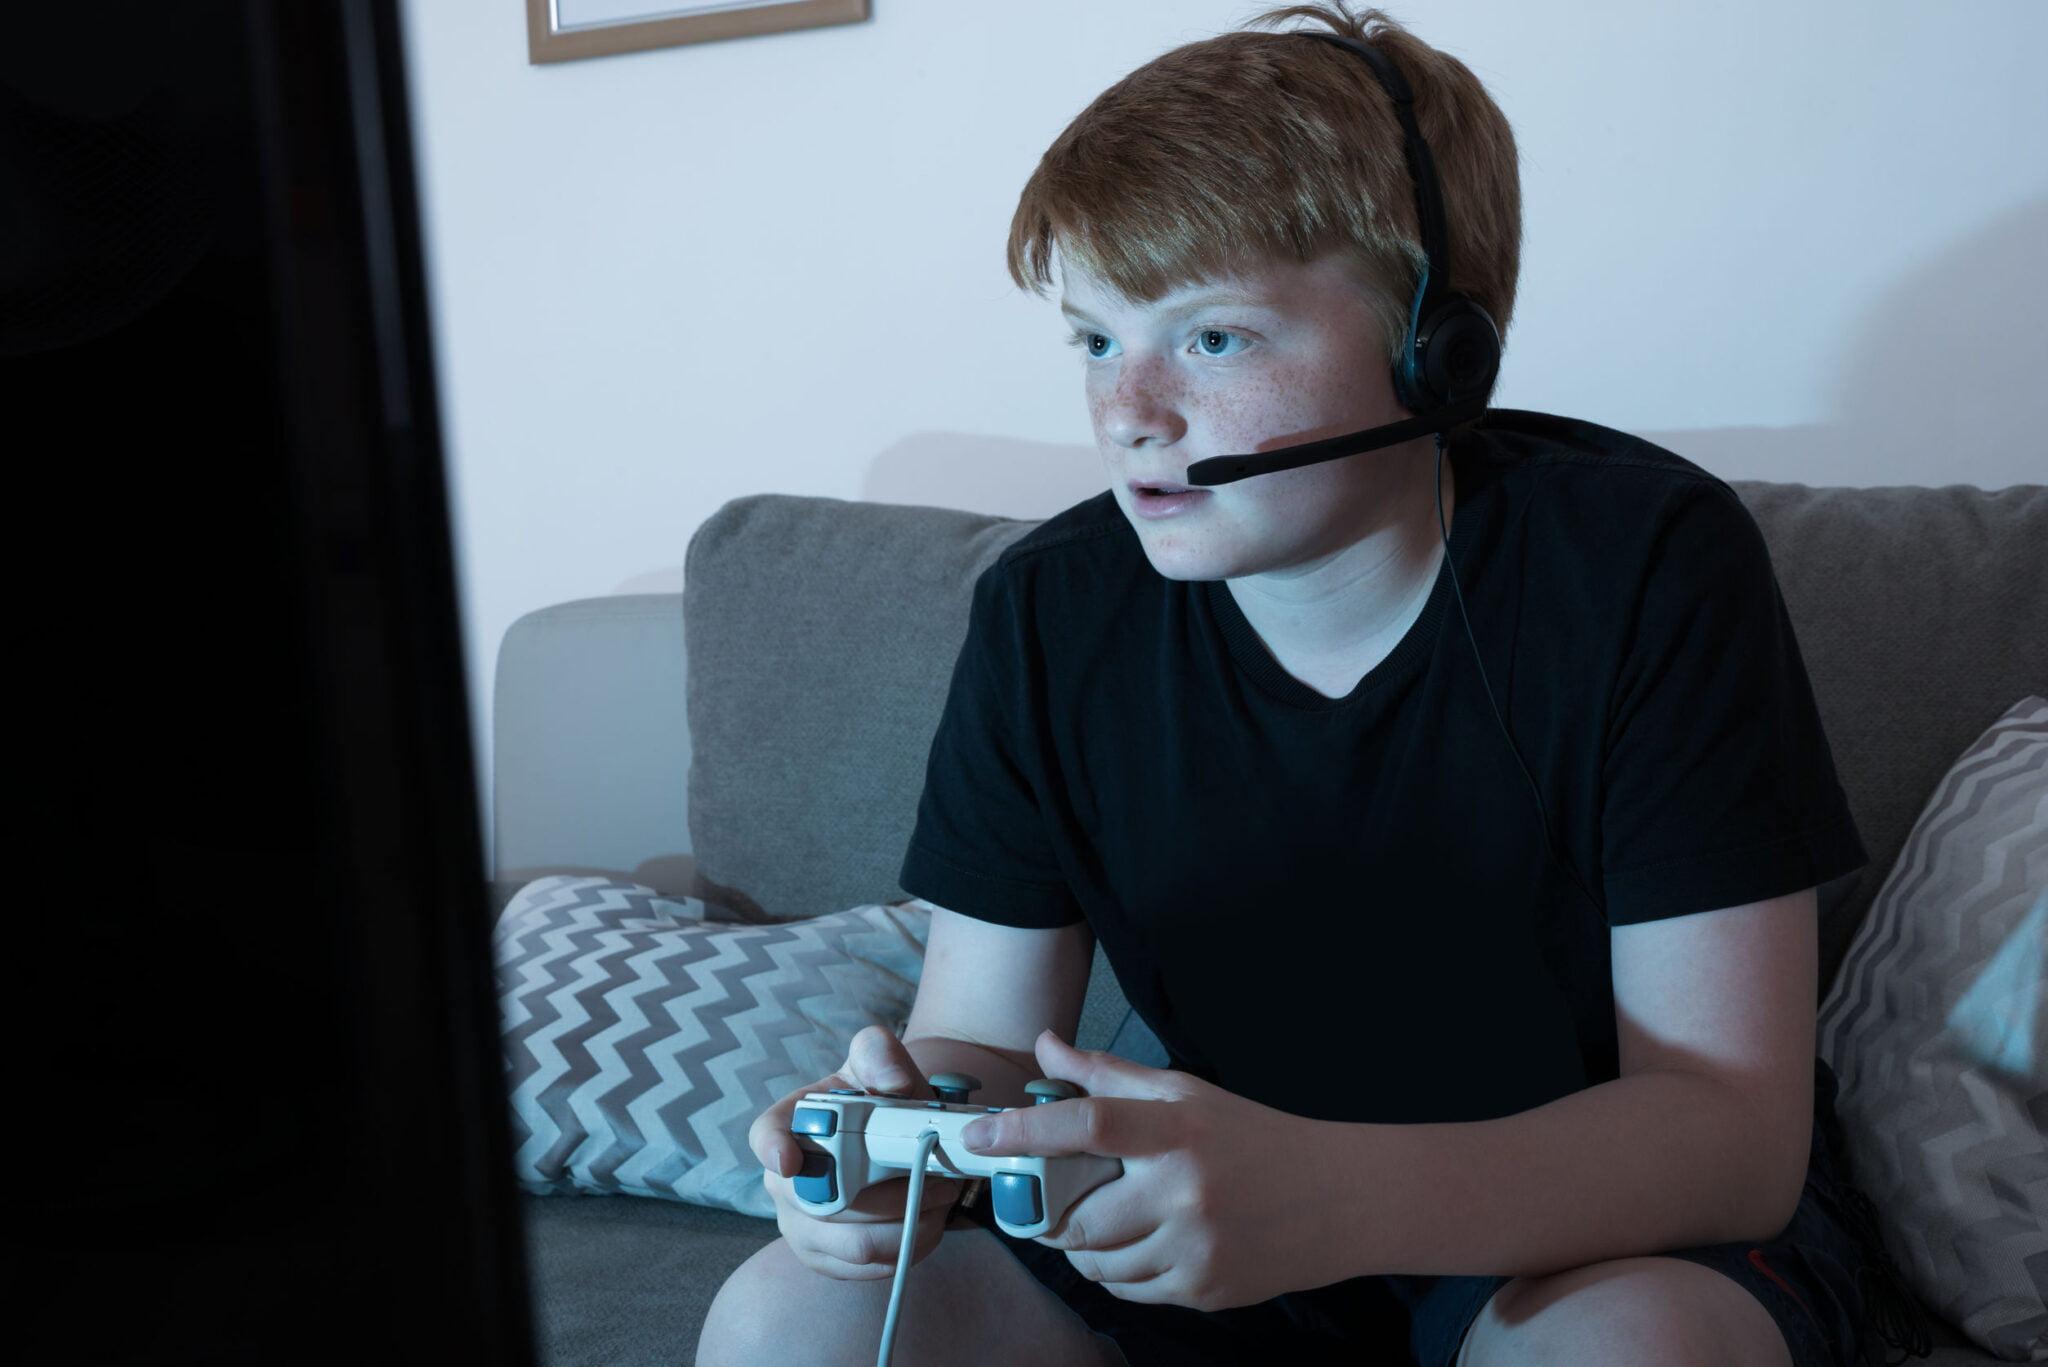 Game kamer ideeën; tips voor inrichten game room en spullen - Mamaliefde.nl